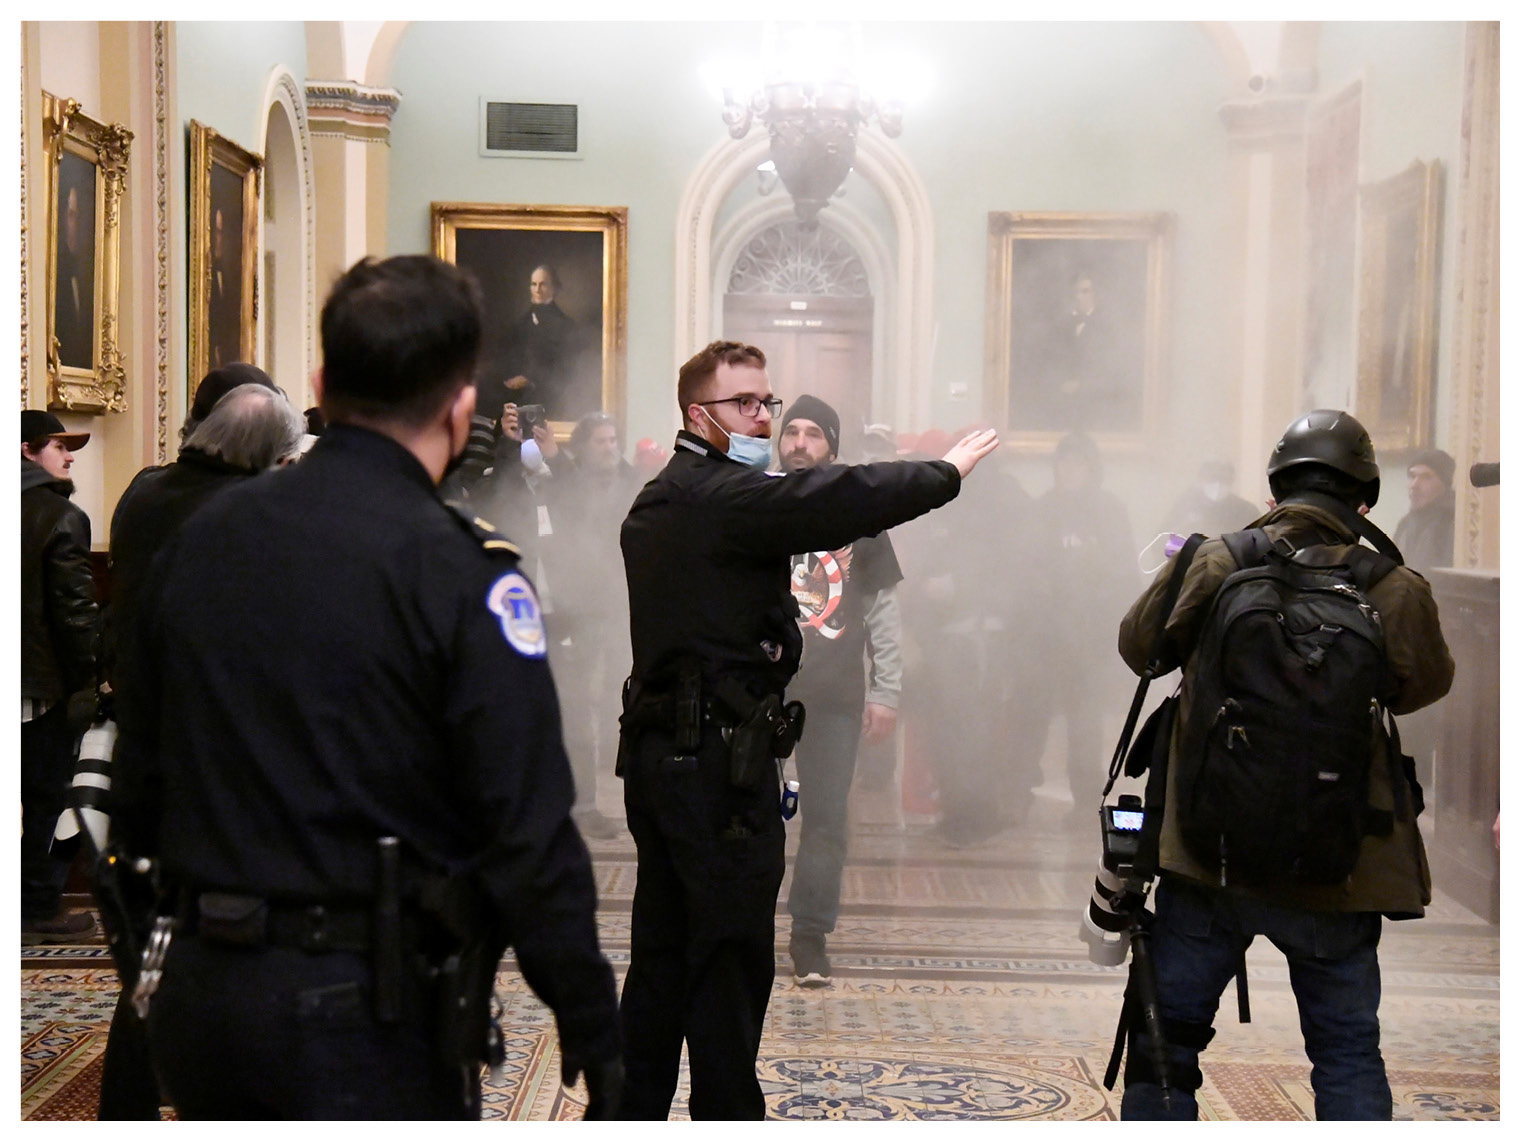 सुरक्षा घेरा तोड़ने के बाद ट्रंप समर्थकों से शांत रहने की अपील करता सुरक्षाकर्मी।